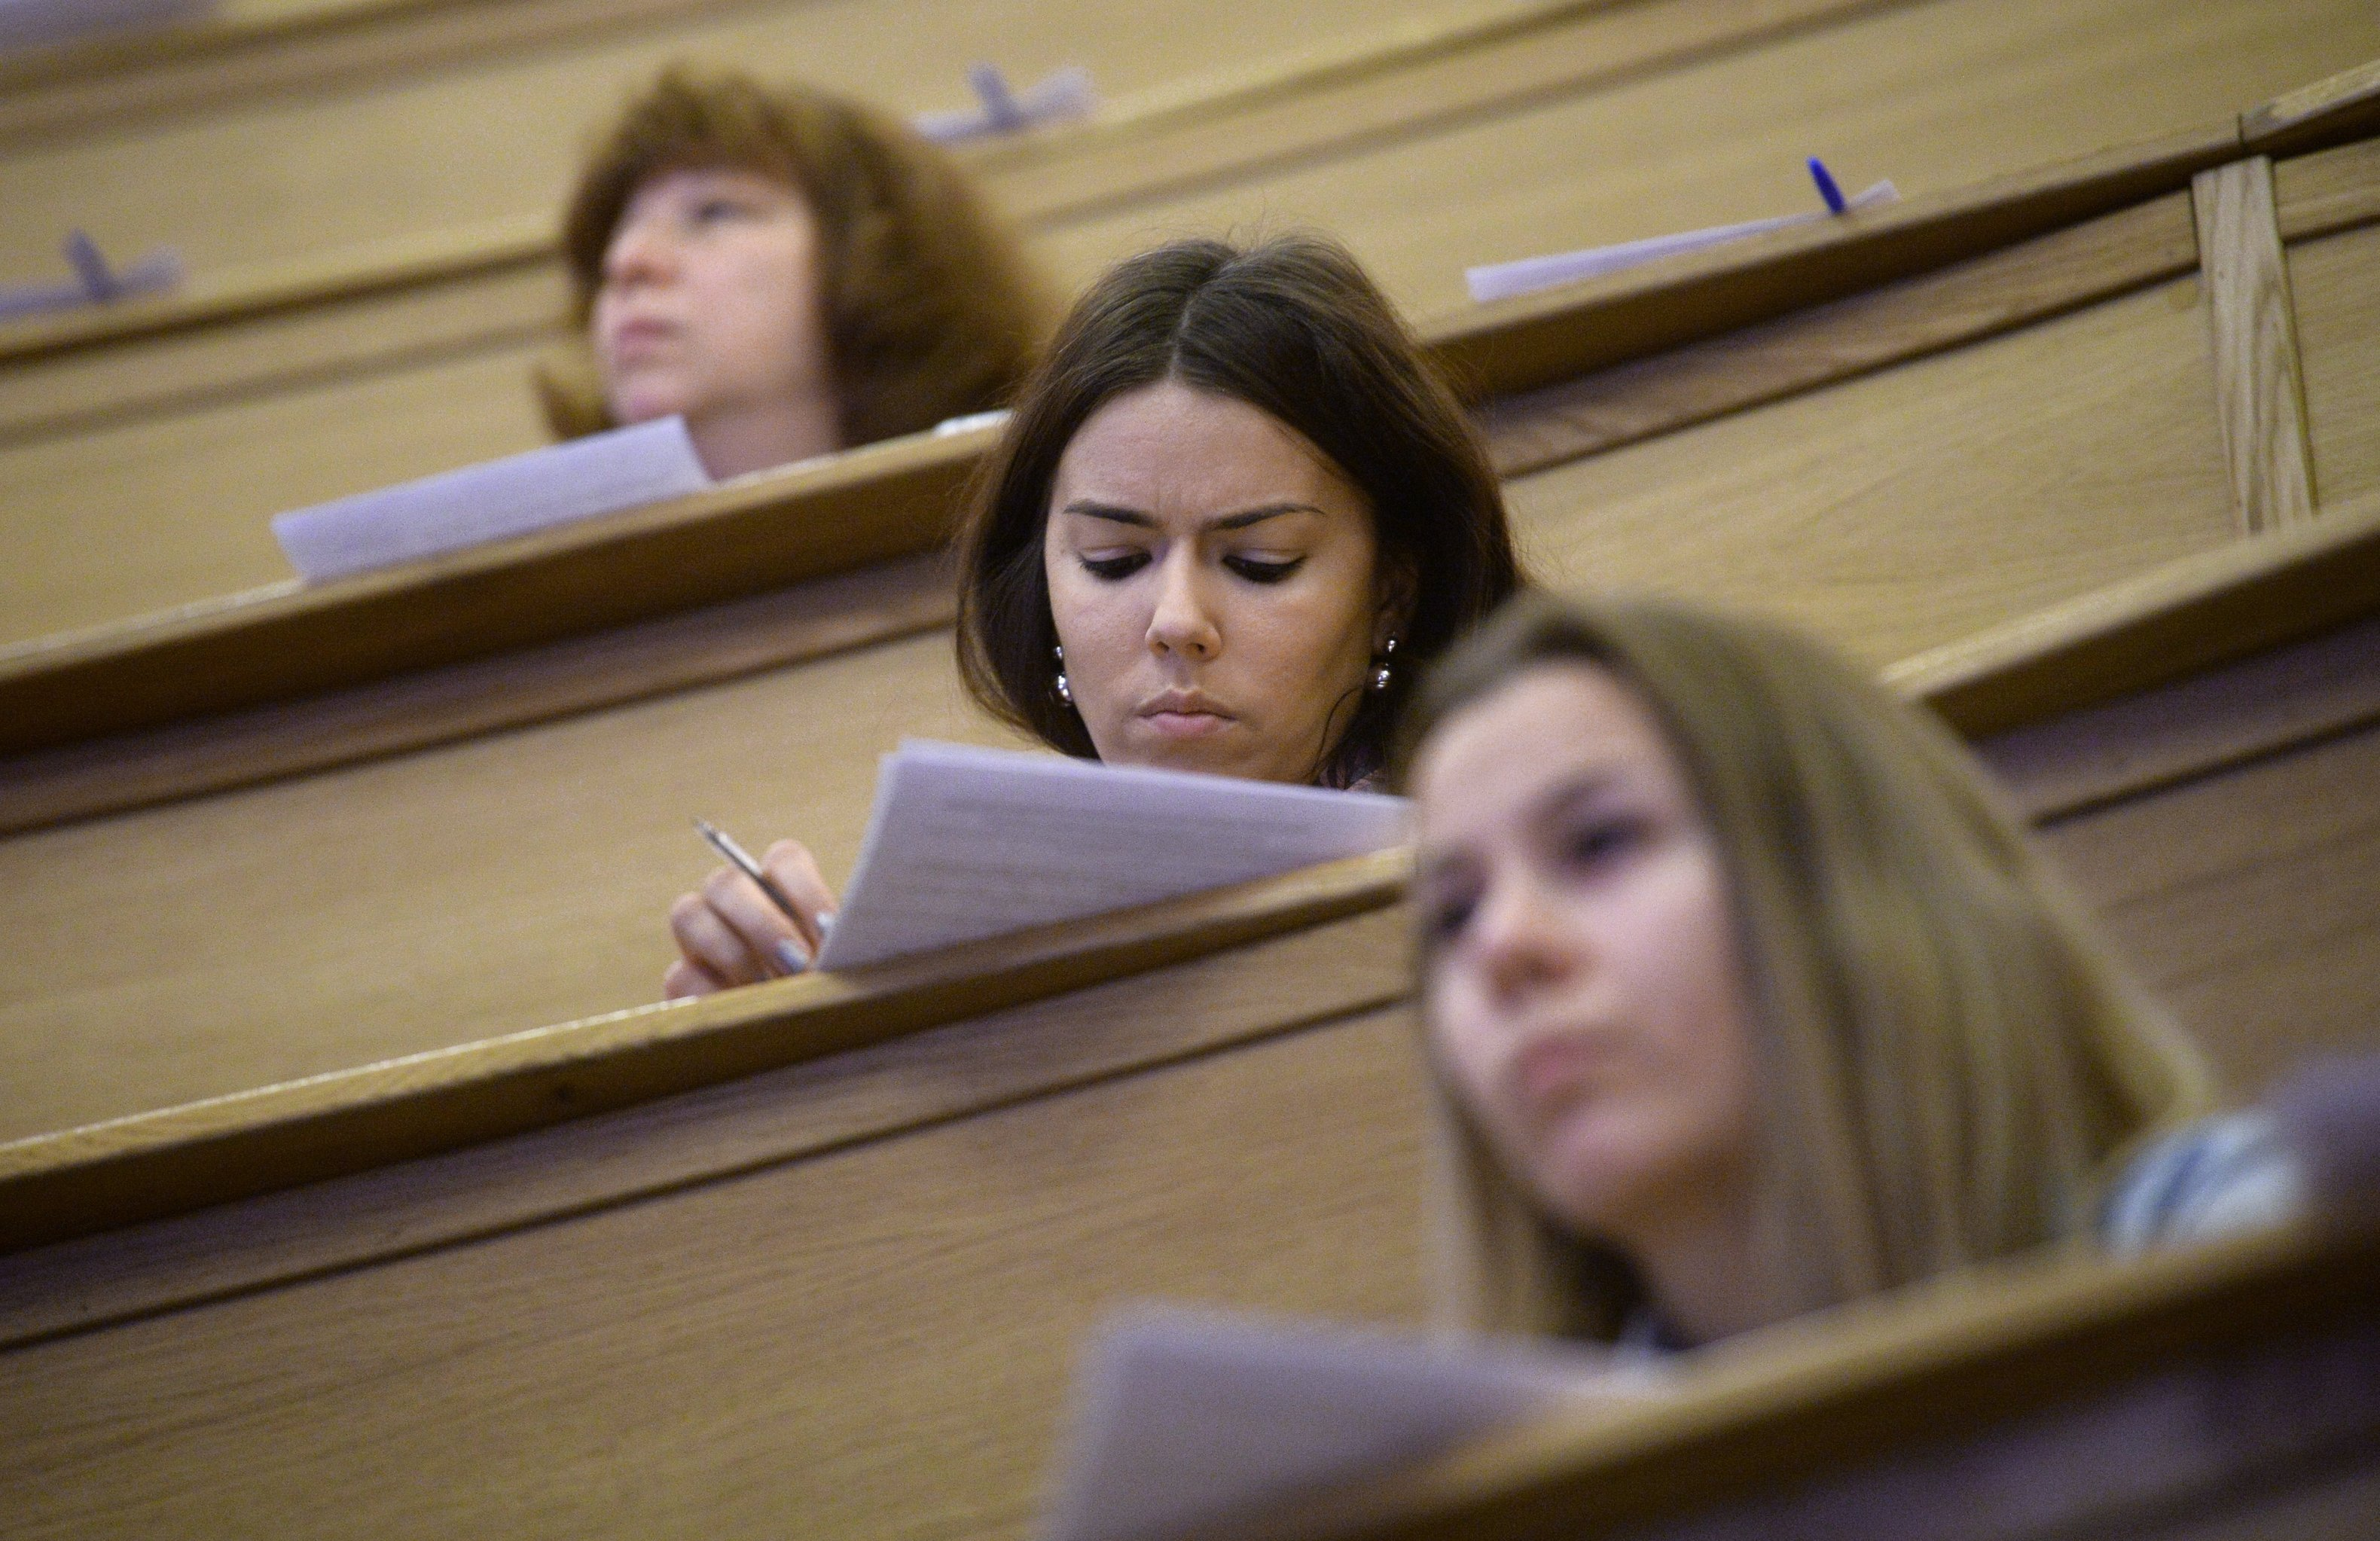 La economía rusa se destaca hoy por la incompatibilidad del número y calidad de los egresados de las universidades y escuelas de formación profesional con las demandas del mercado laboral.